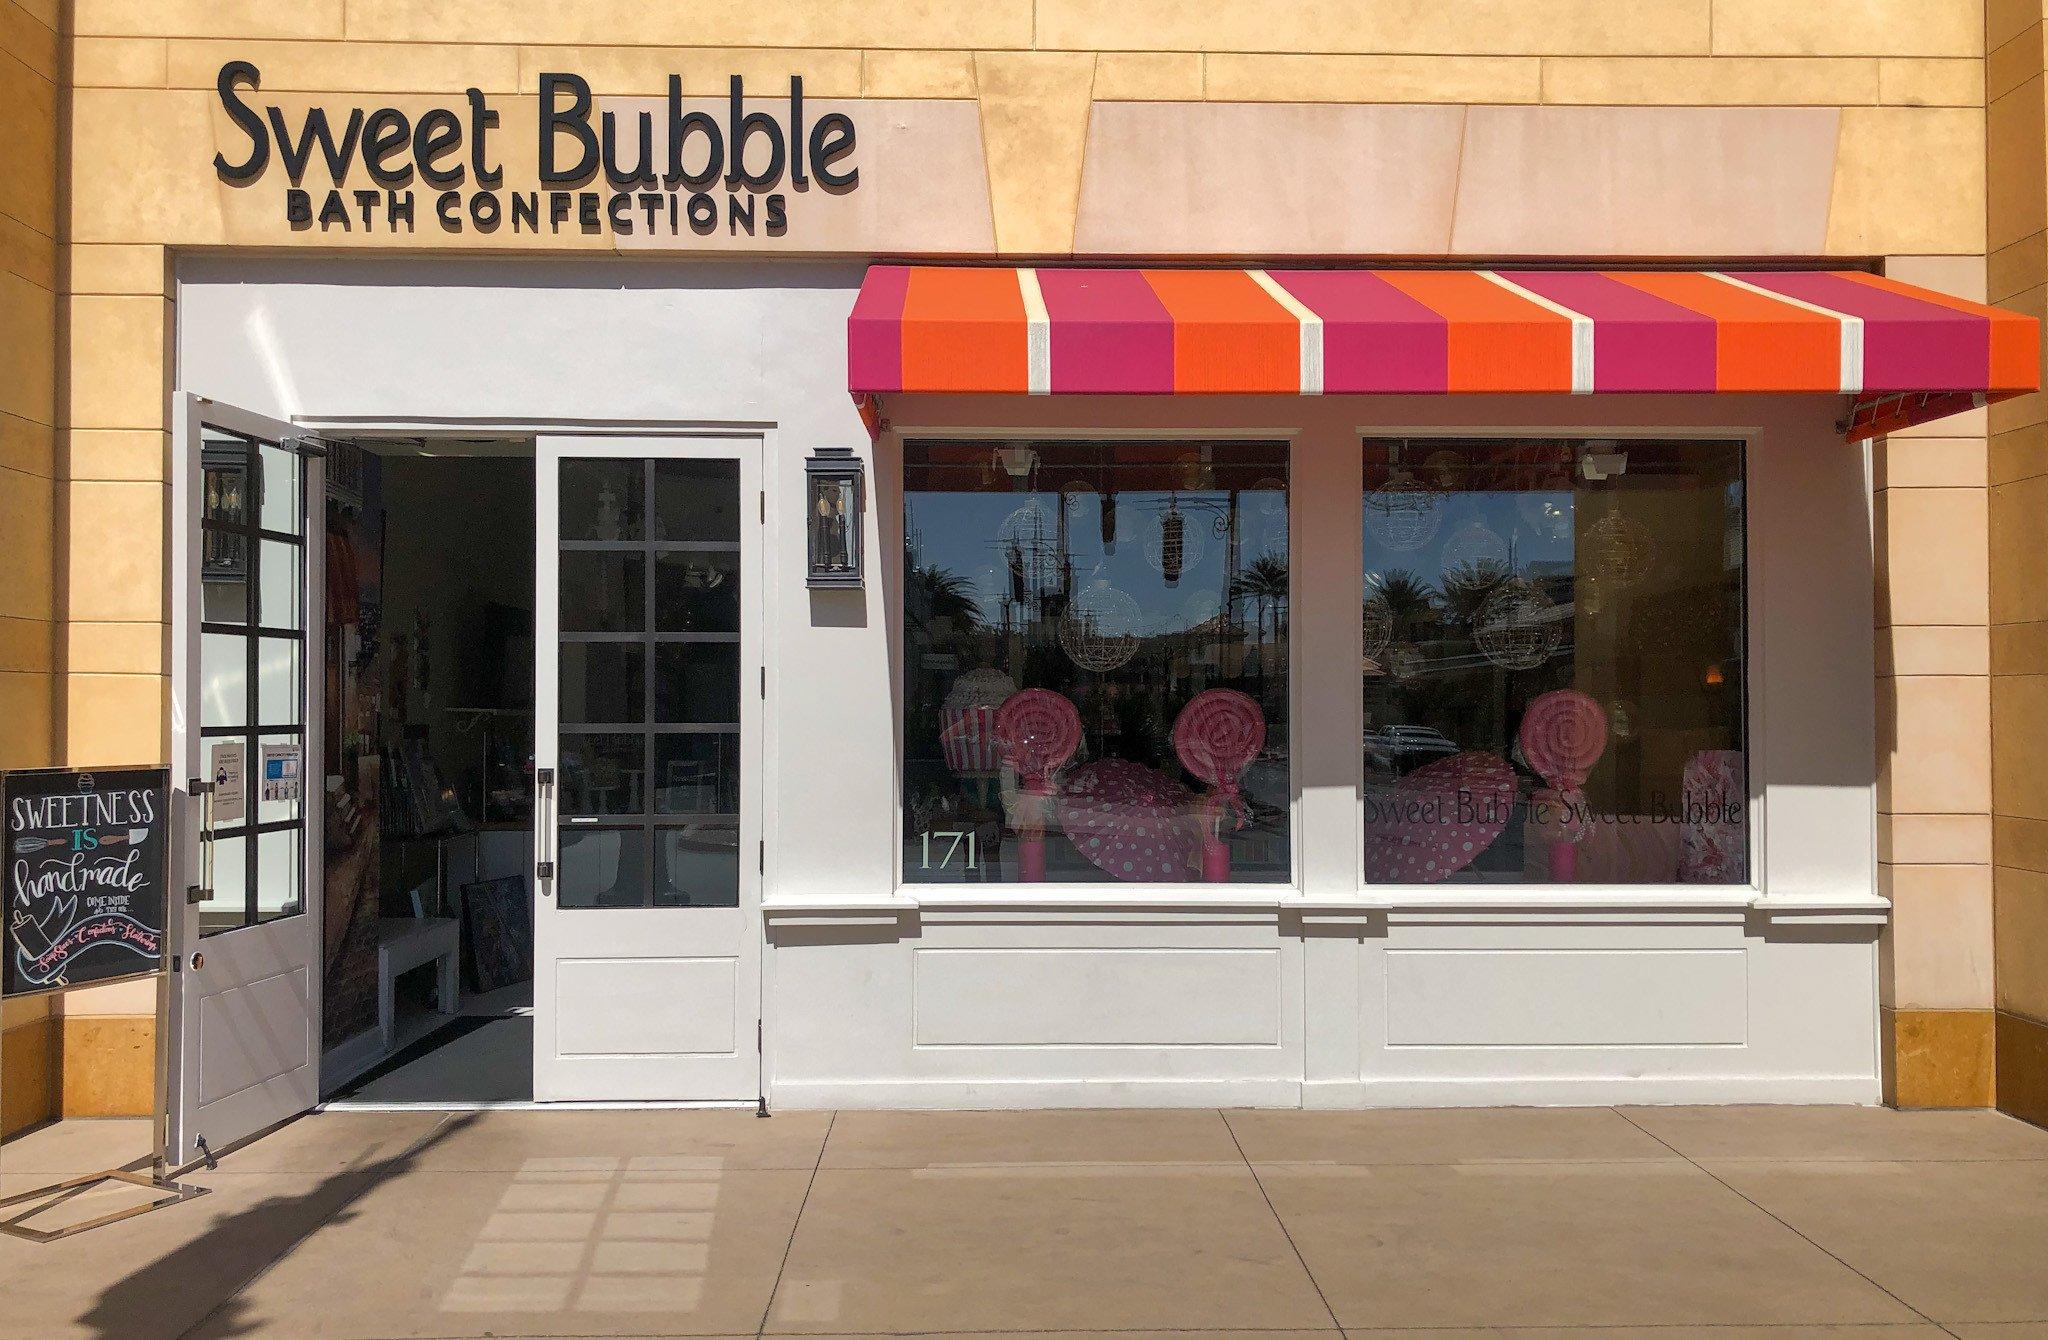 Sweet Bubble Bath Confections